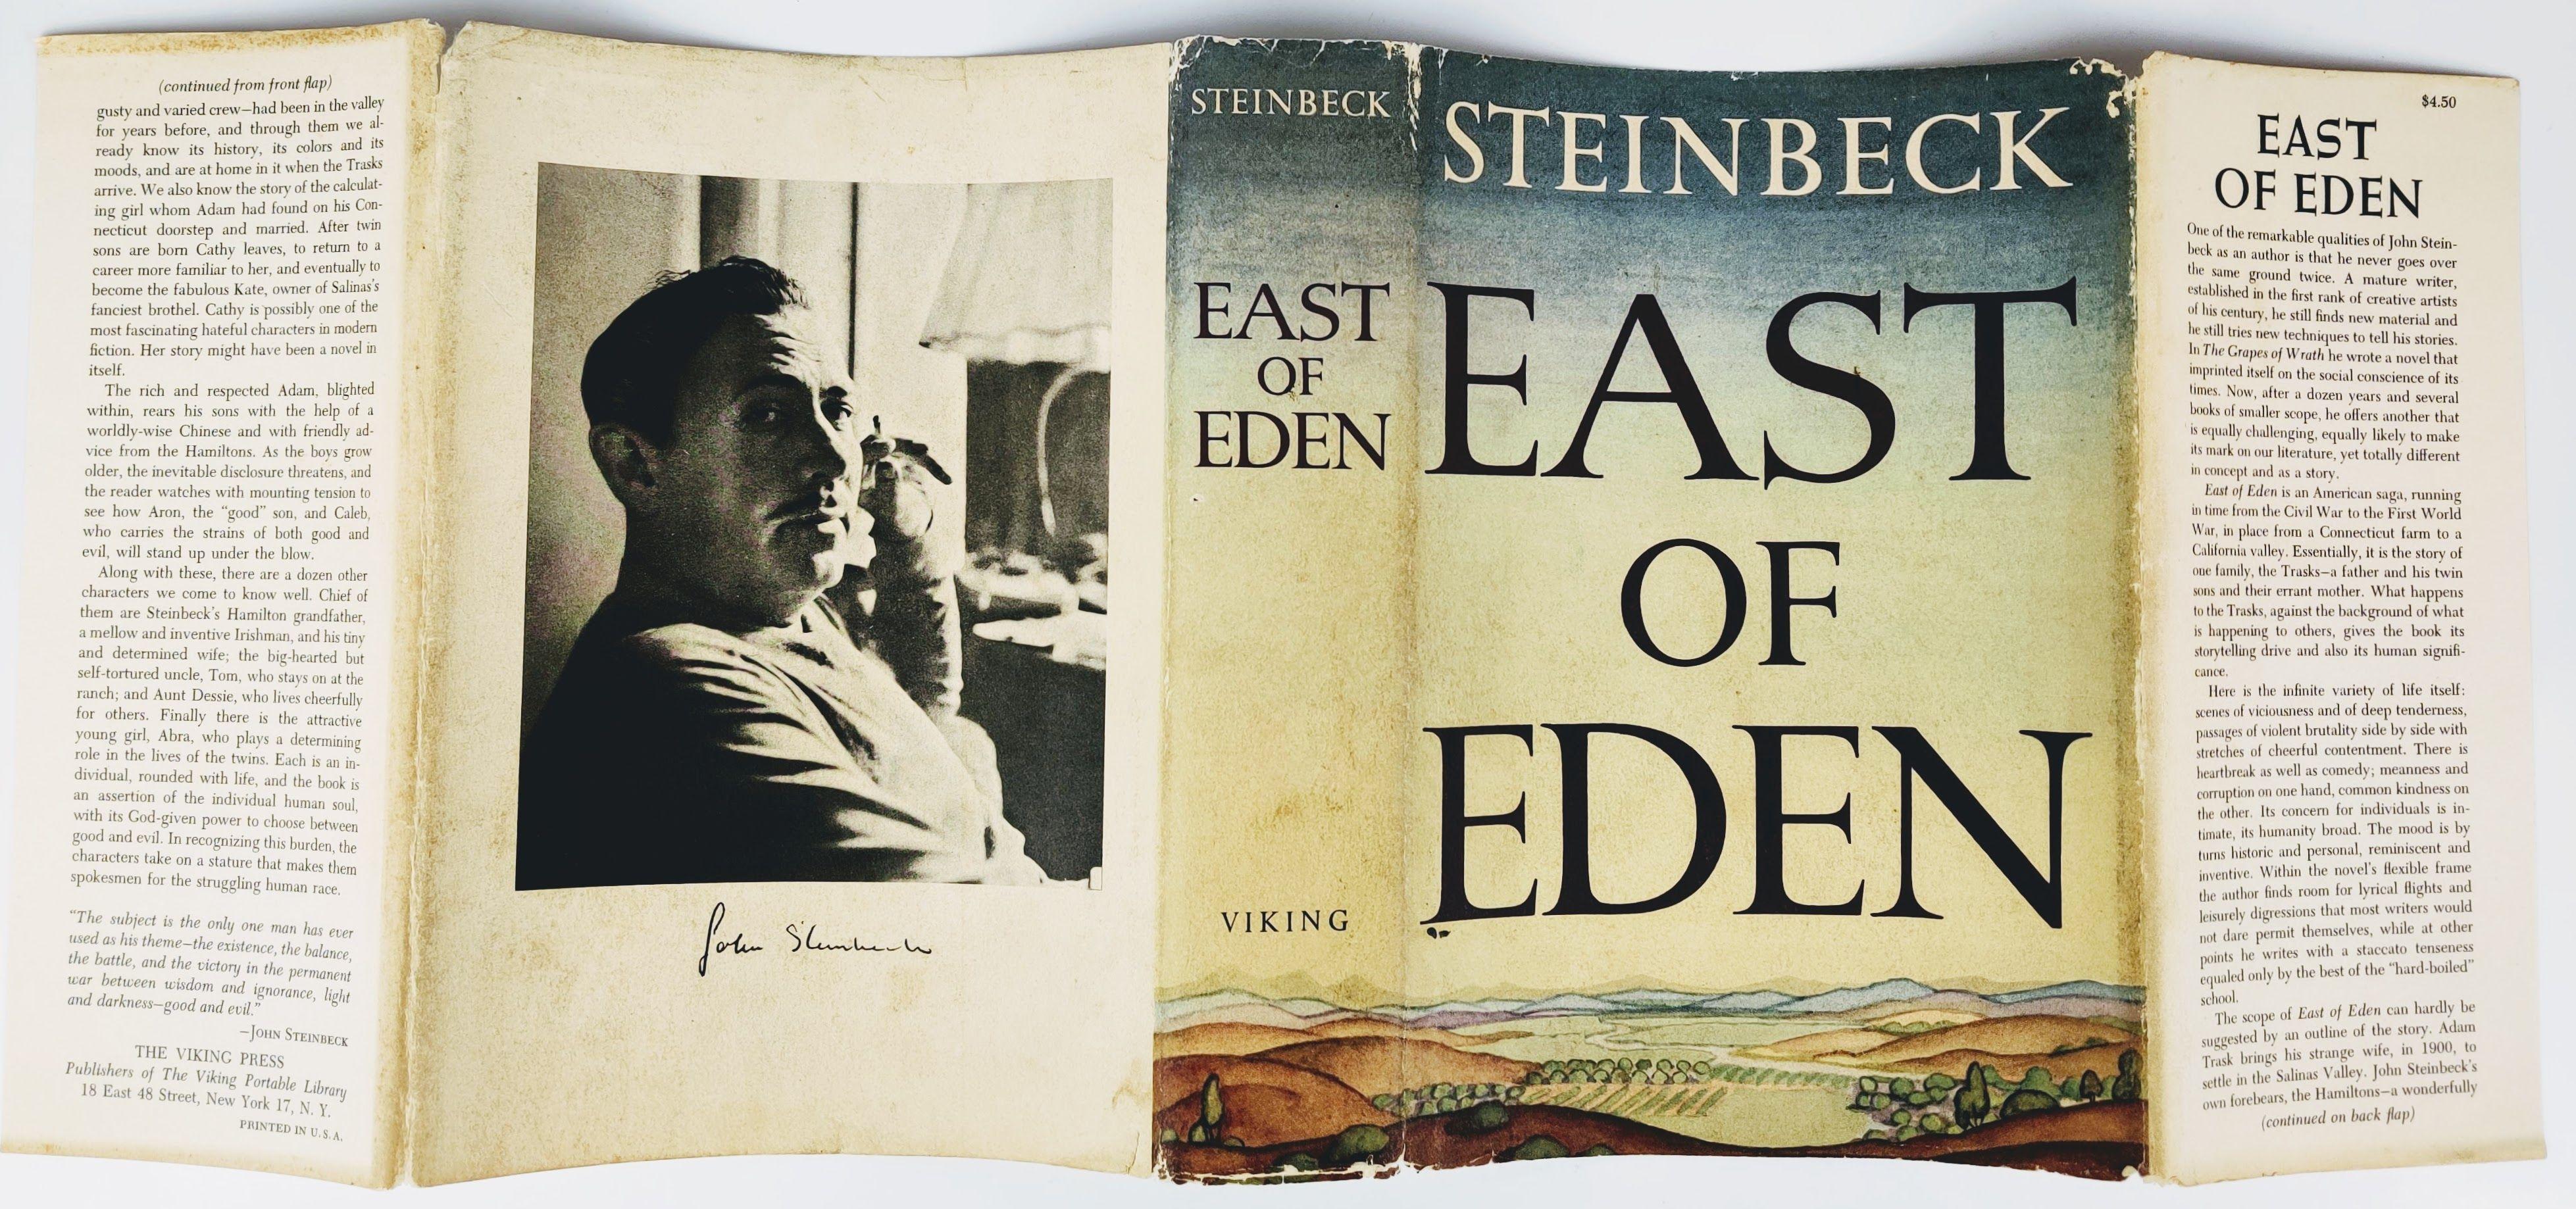 East of Eden (photo 4)